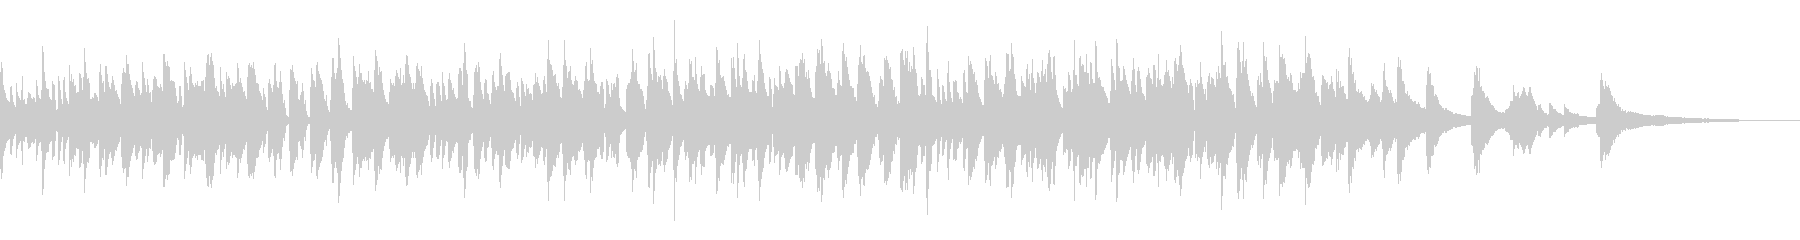 おしゃれなラウンジ風ボサノバピアノトリオの未再生の波形